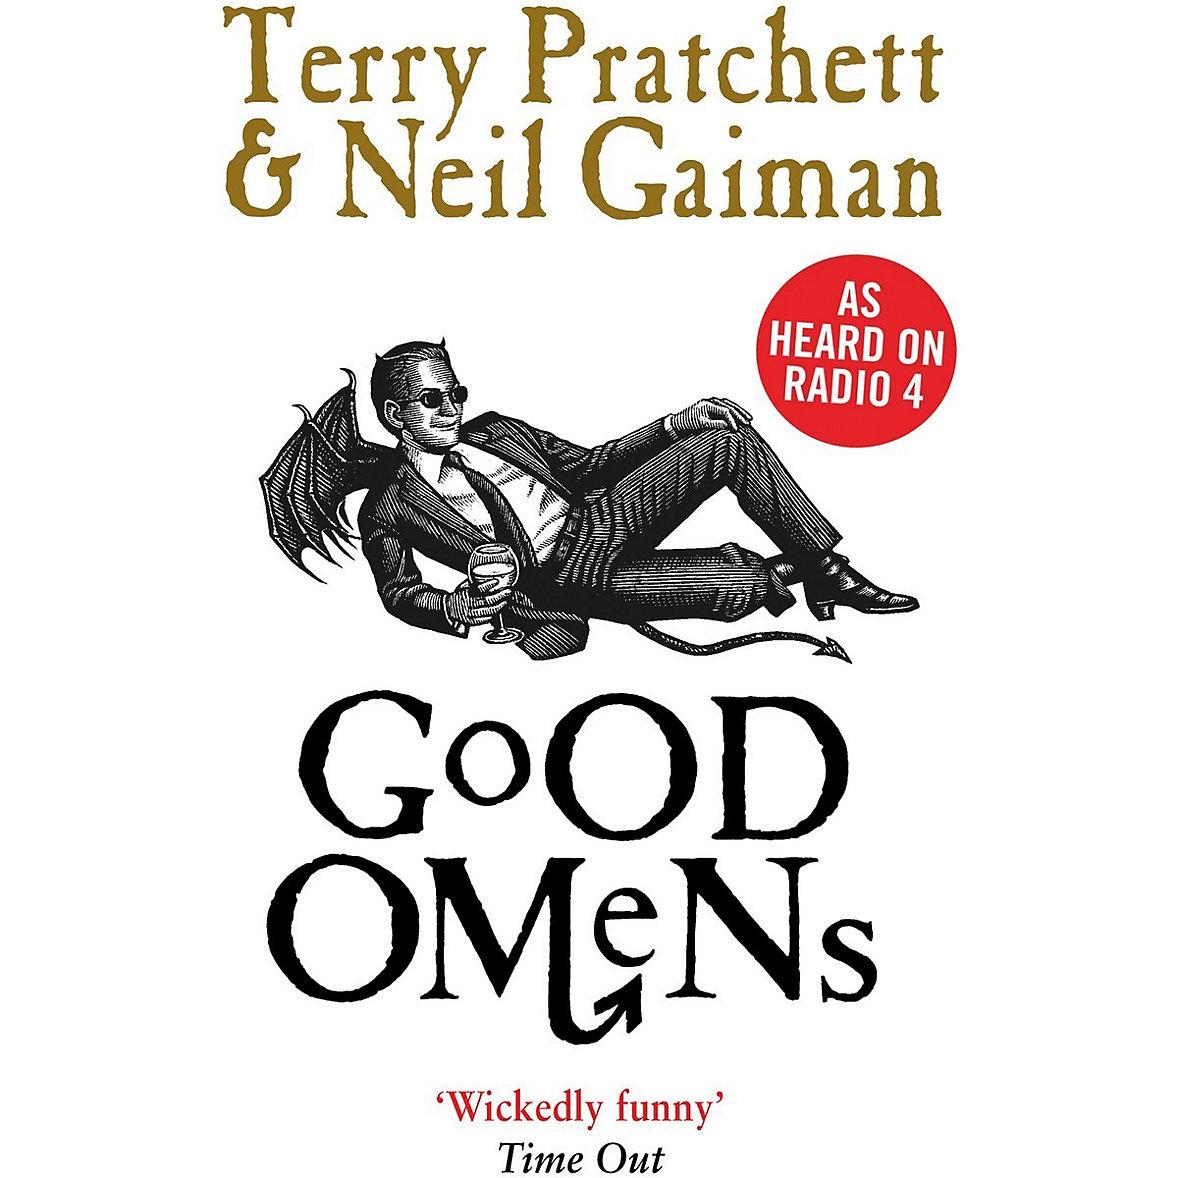 Good Omens - Neil Gaiman and Terry Pratchett